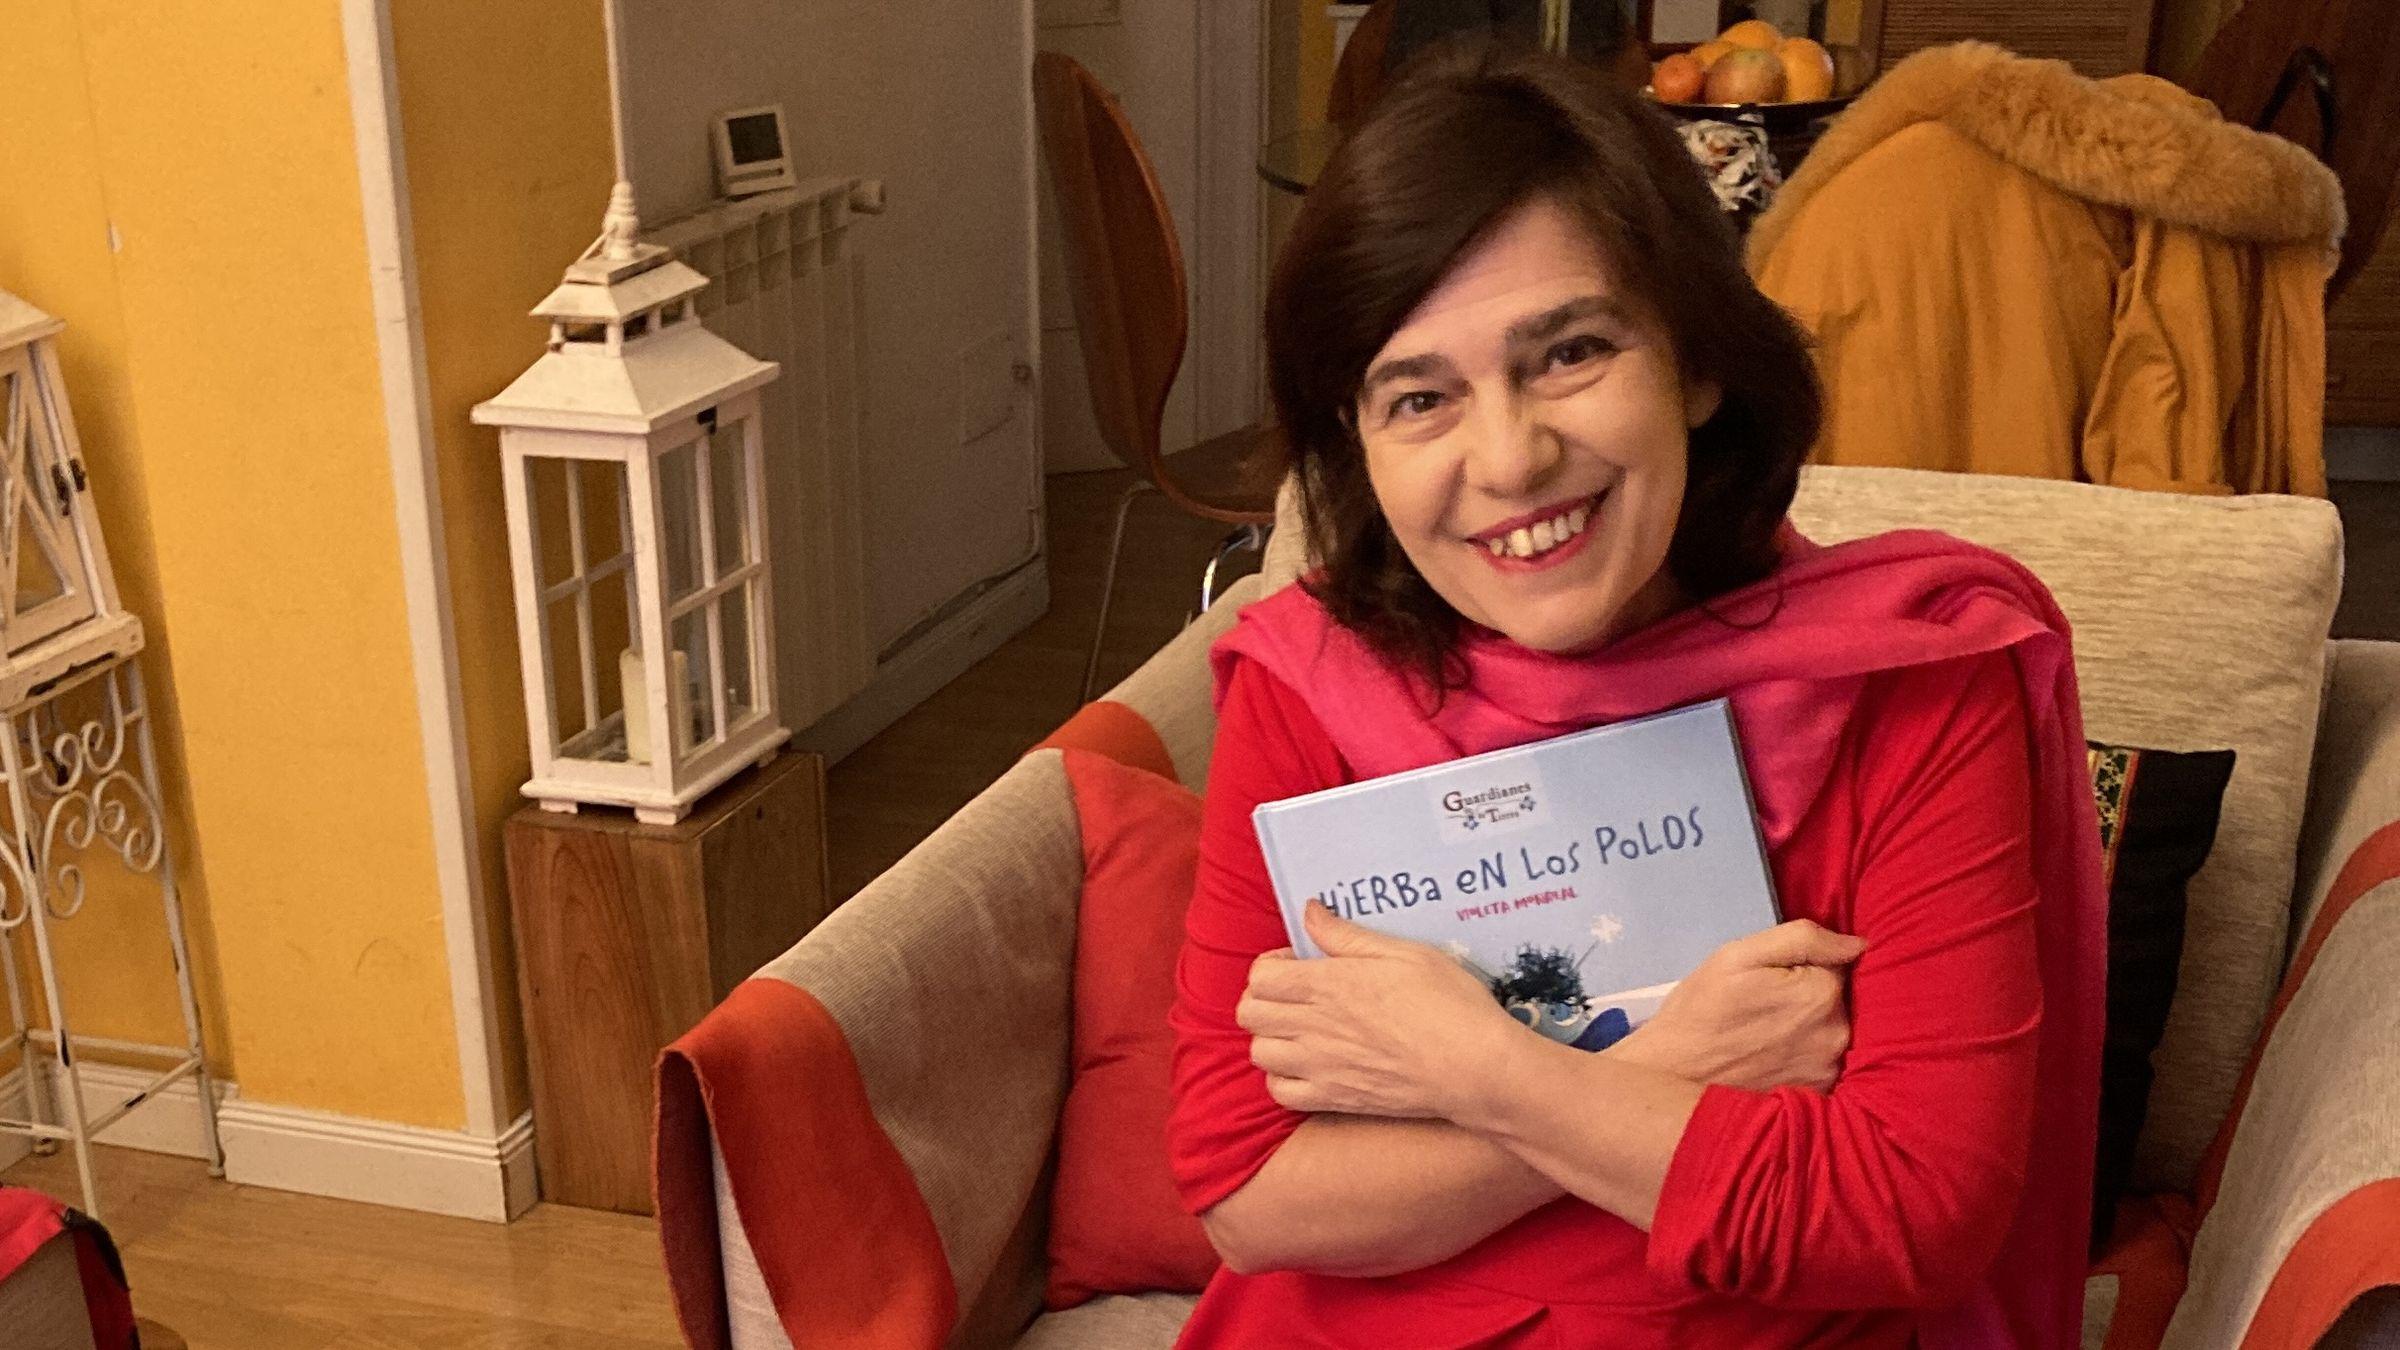 Violeta Monreal con su nuevo libro «Hierba en los polos»